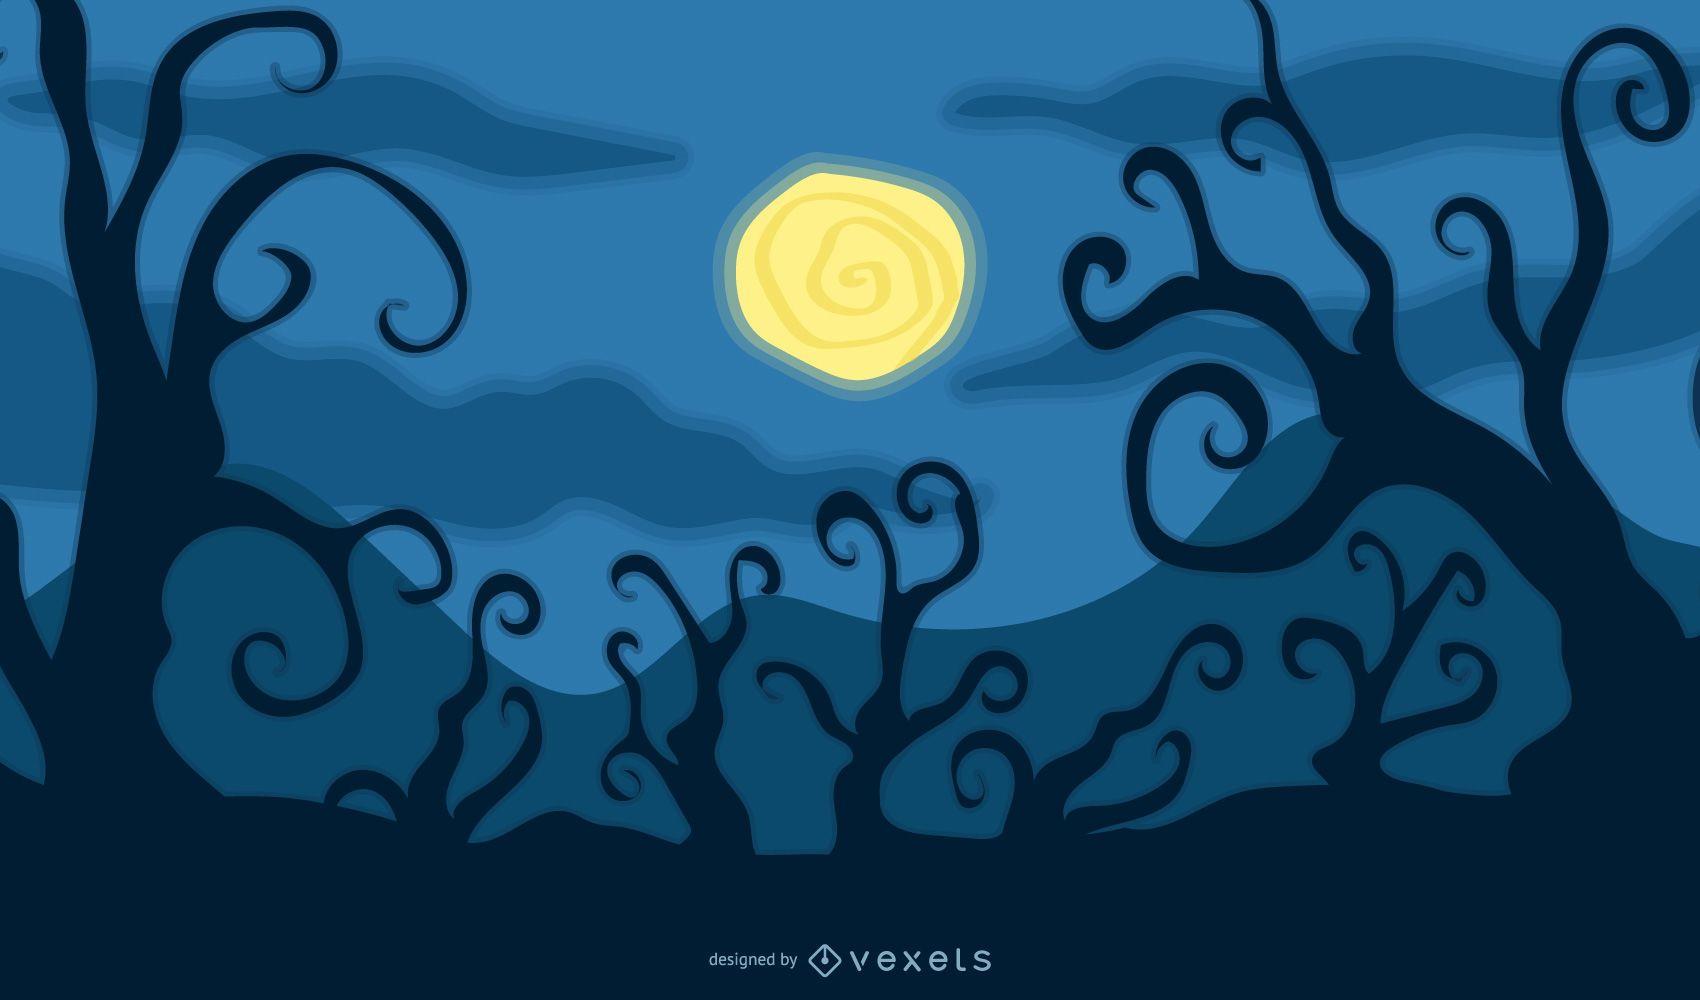 Arte assustadora de Halloween com árvores assustadoras